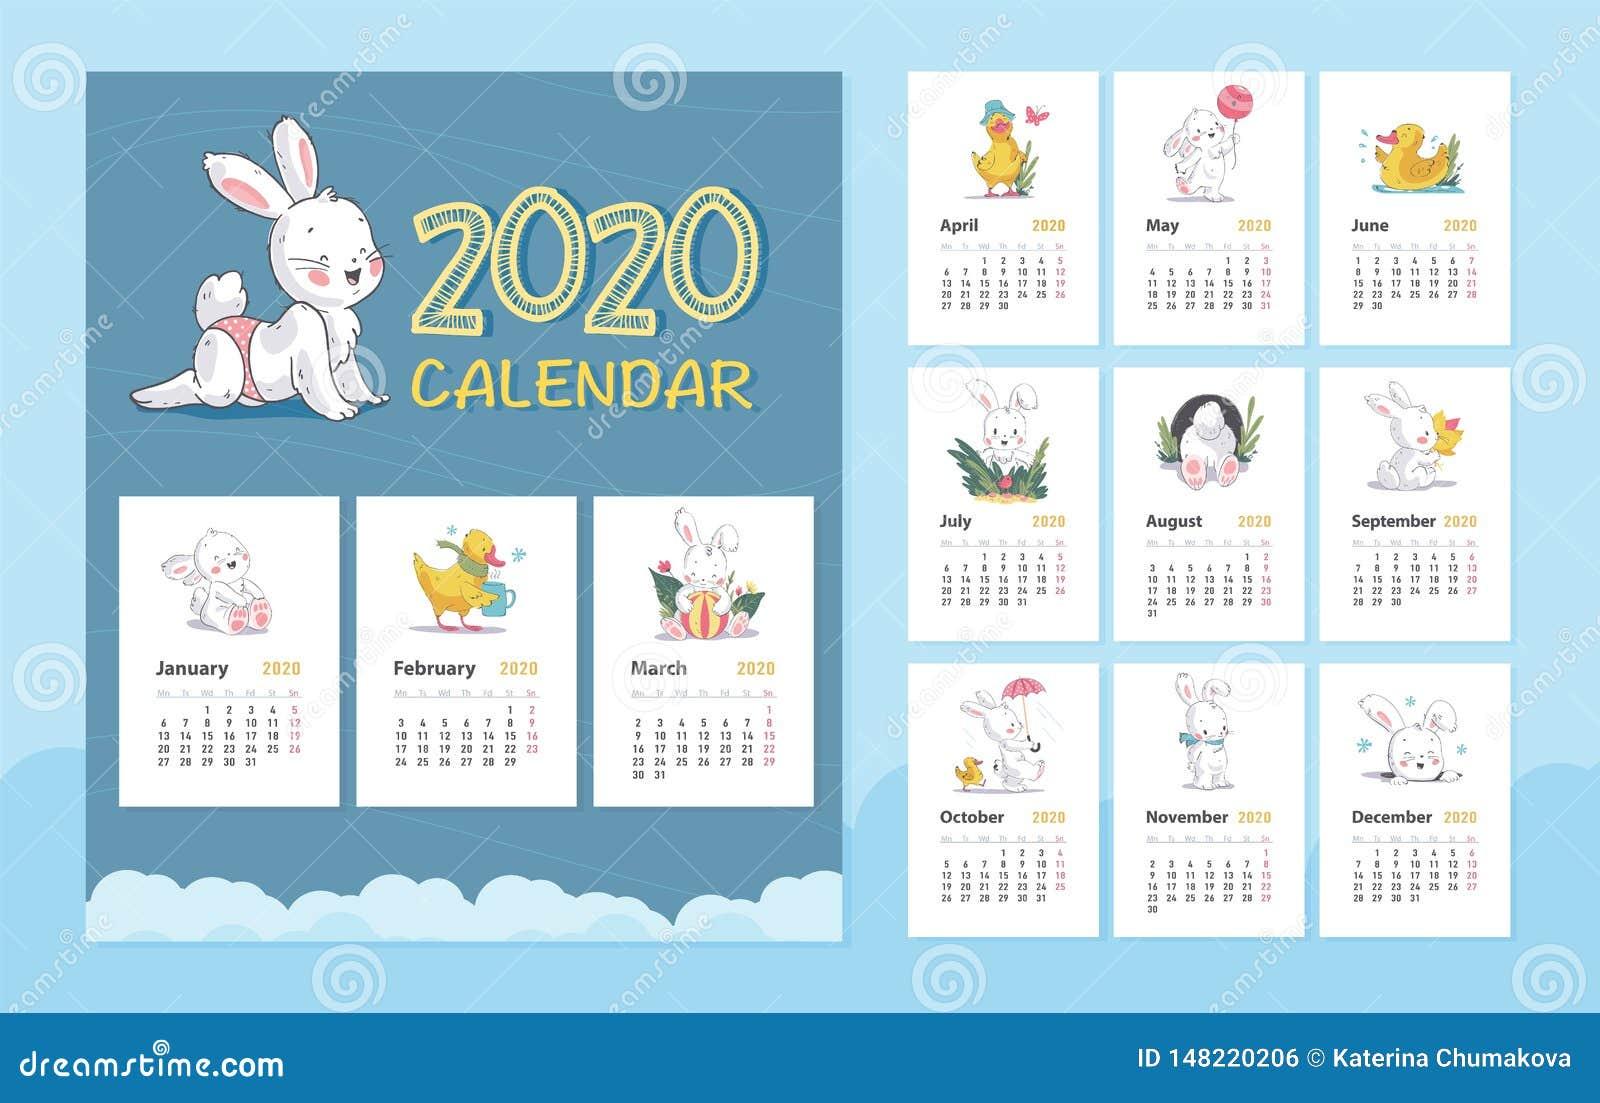 Animal Calendar 2020 Vector 2020 Baby Calendar Design Template With Cute White Bunny